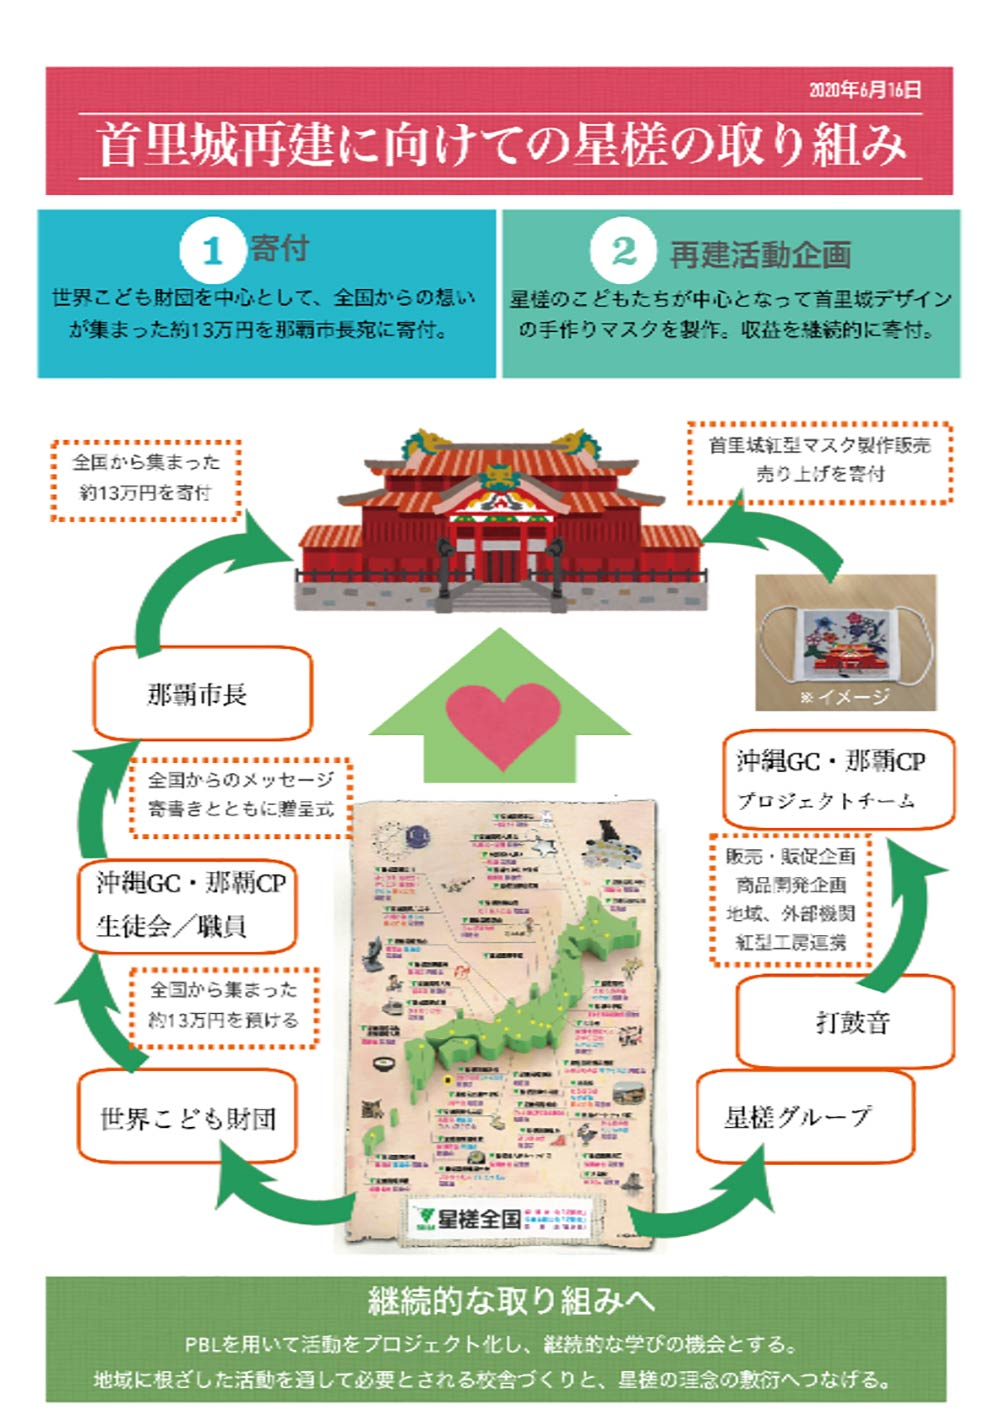 【首里城再建応援プロジェクト】生徒制作、首里城デザイントートバッグ販売中!2